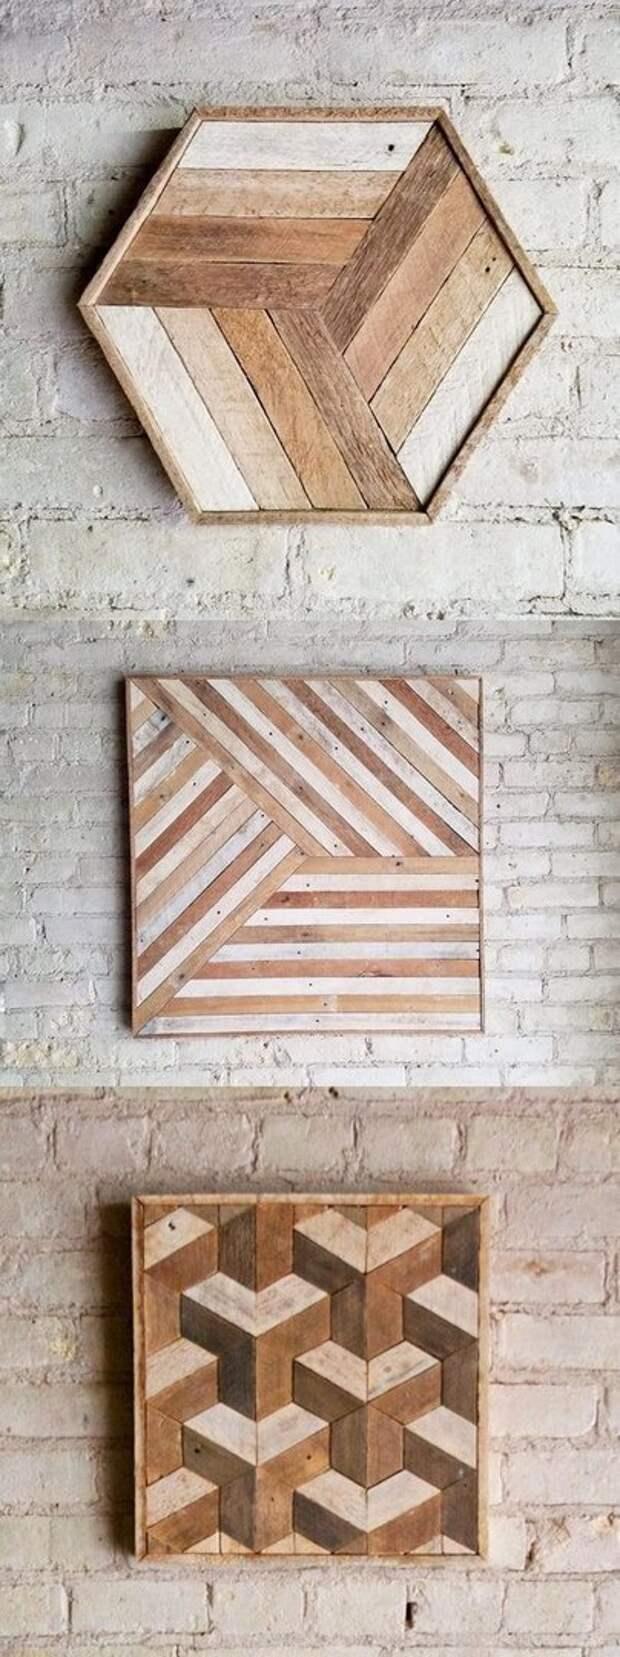 Оптические иллюзии из дерева (подборка)